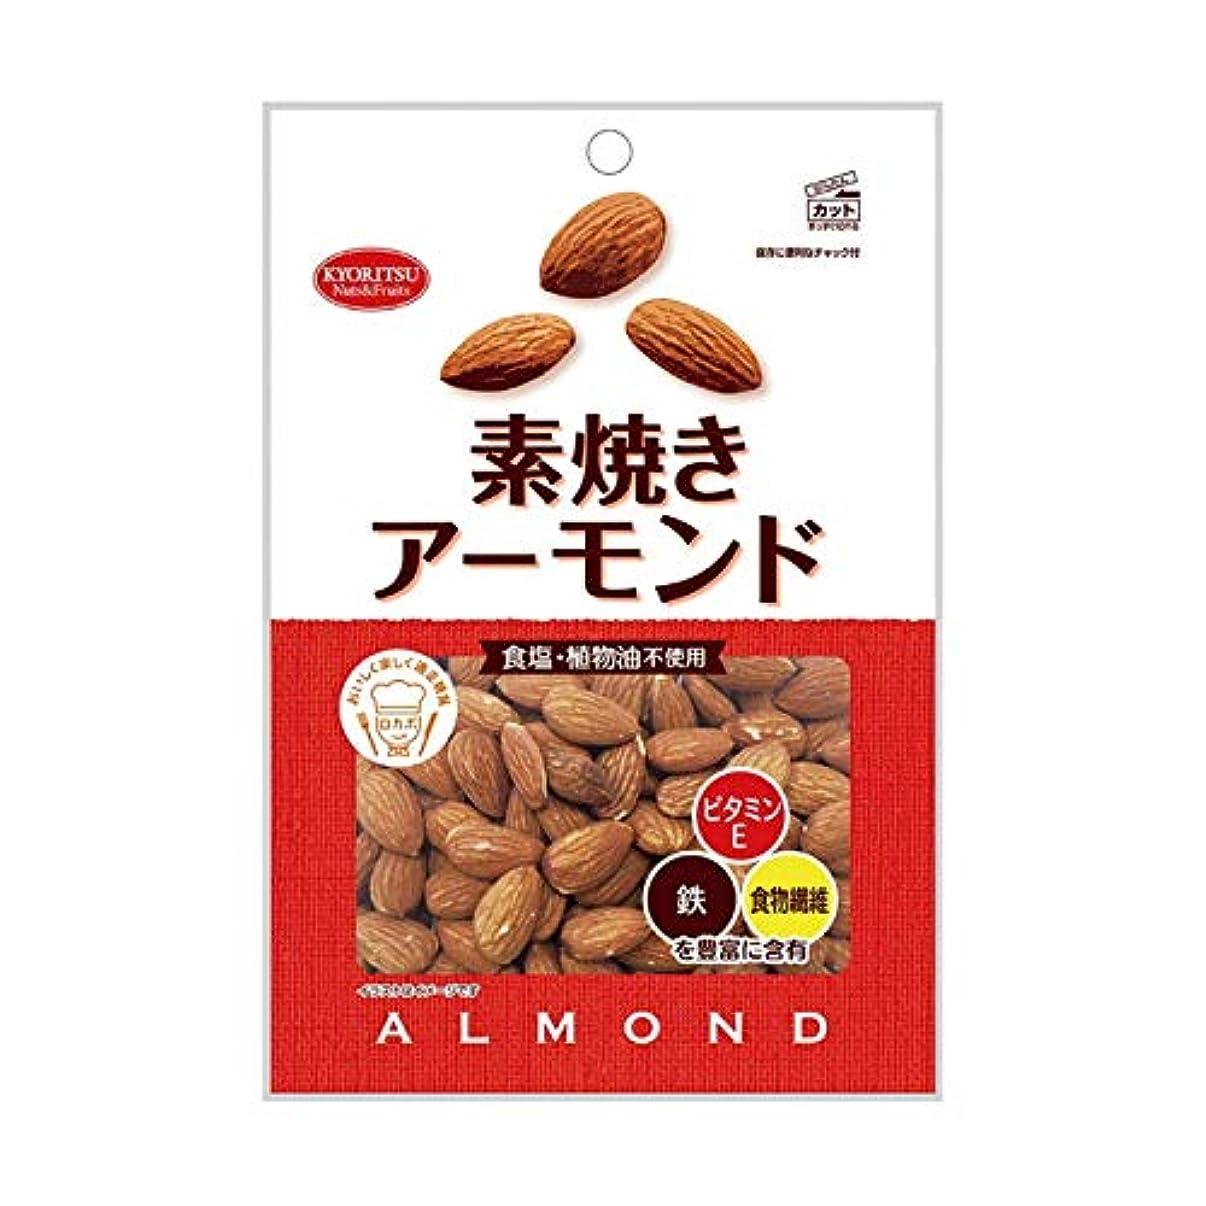 地下室不十分機械的◆共立 素焼きアーモンド 徳用 200g【6個セット】